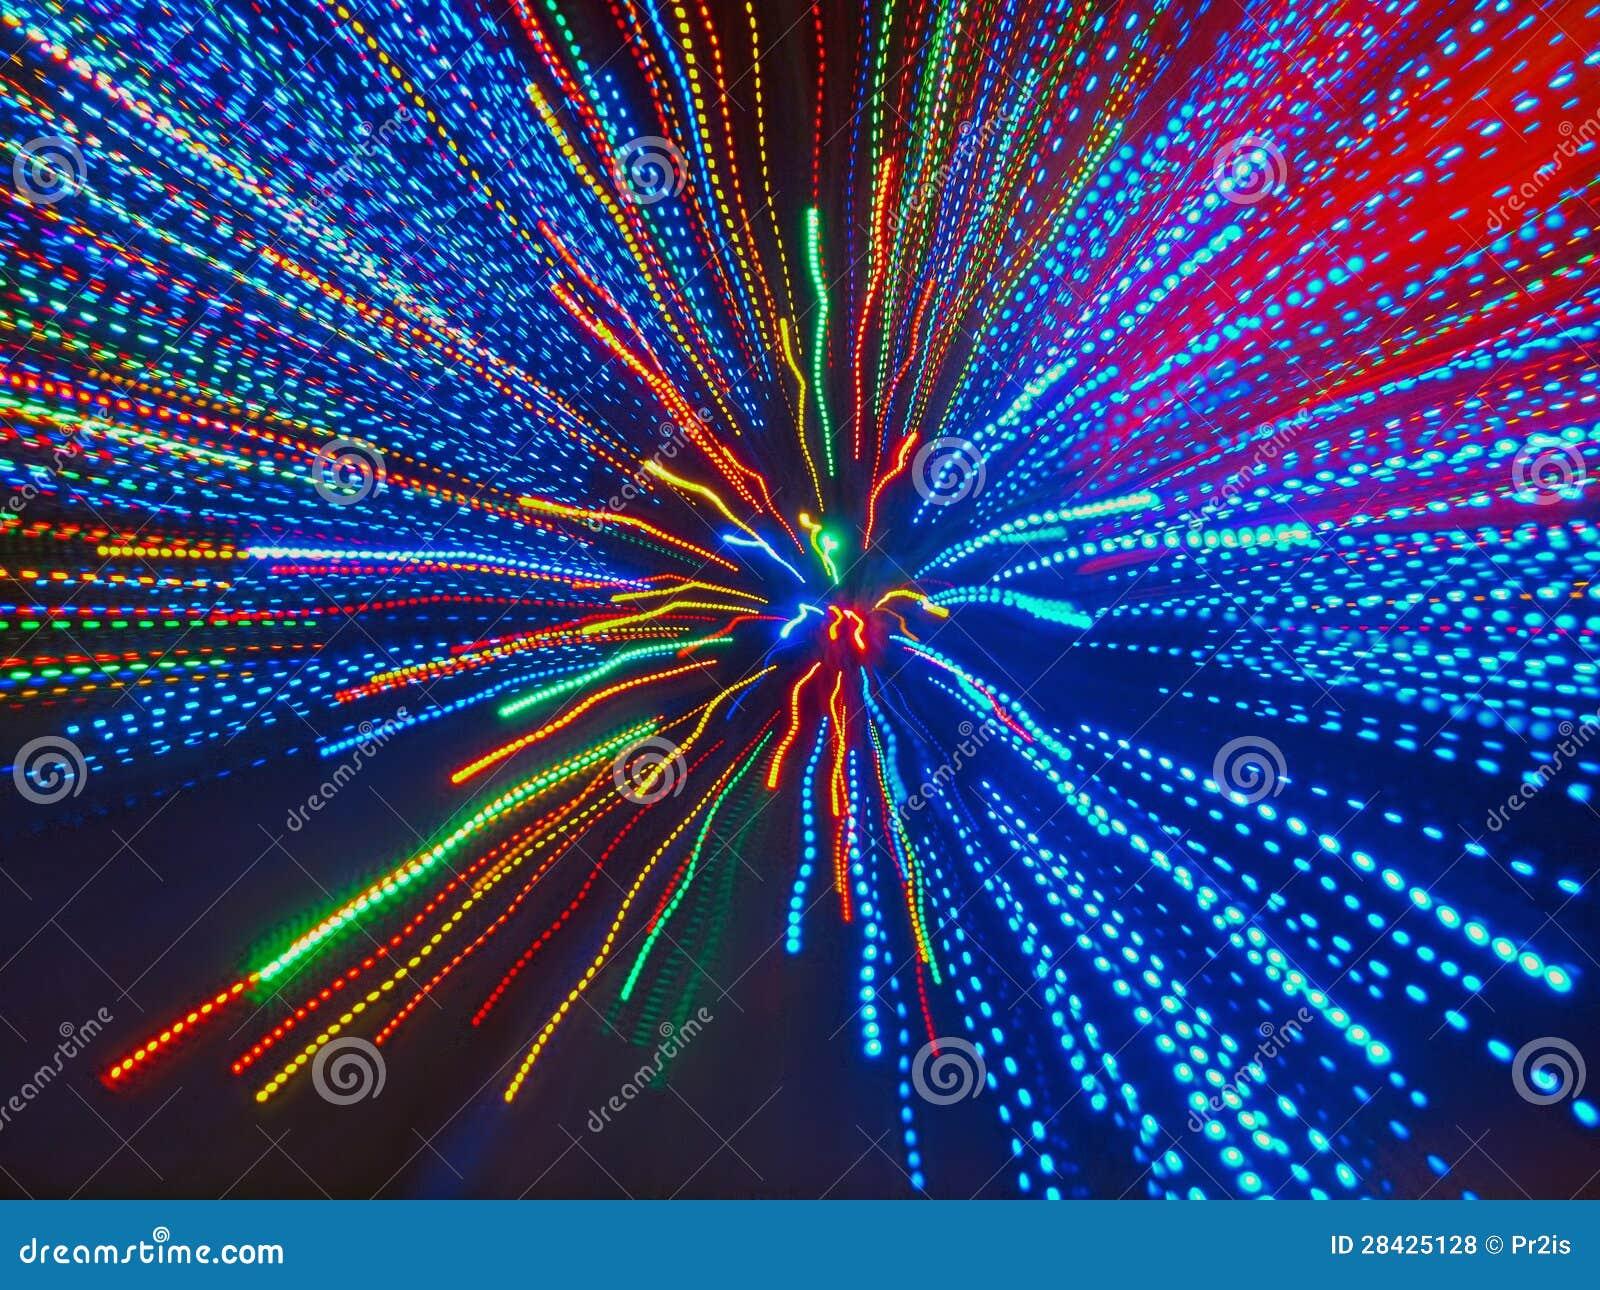 Fondo abstracto de haces convergentes coloridos